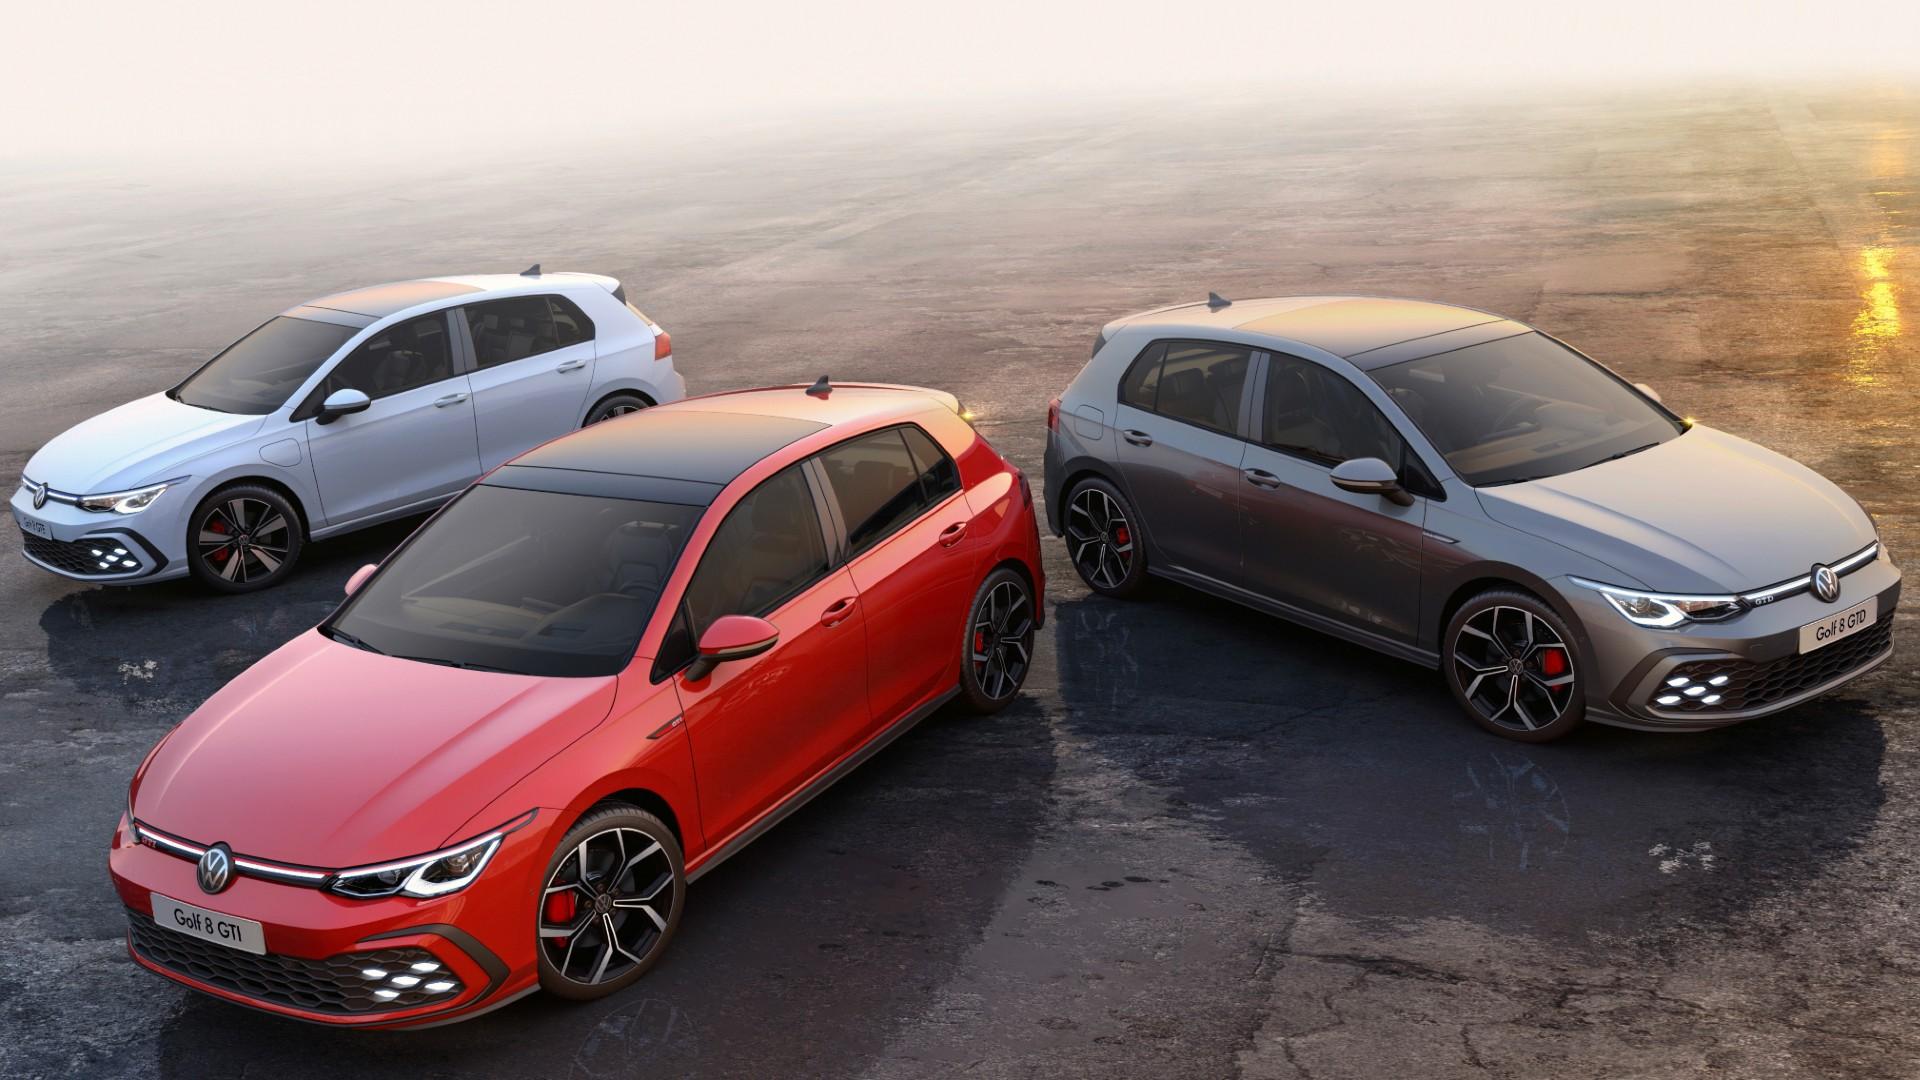 Ποιο αυτοκίνητο ήταν το best seller στην Ευρώπη για το 2020;